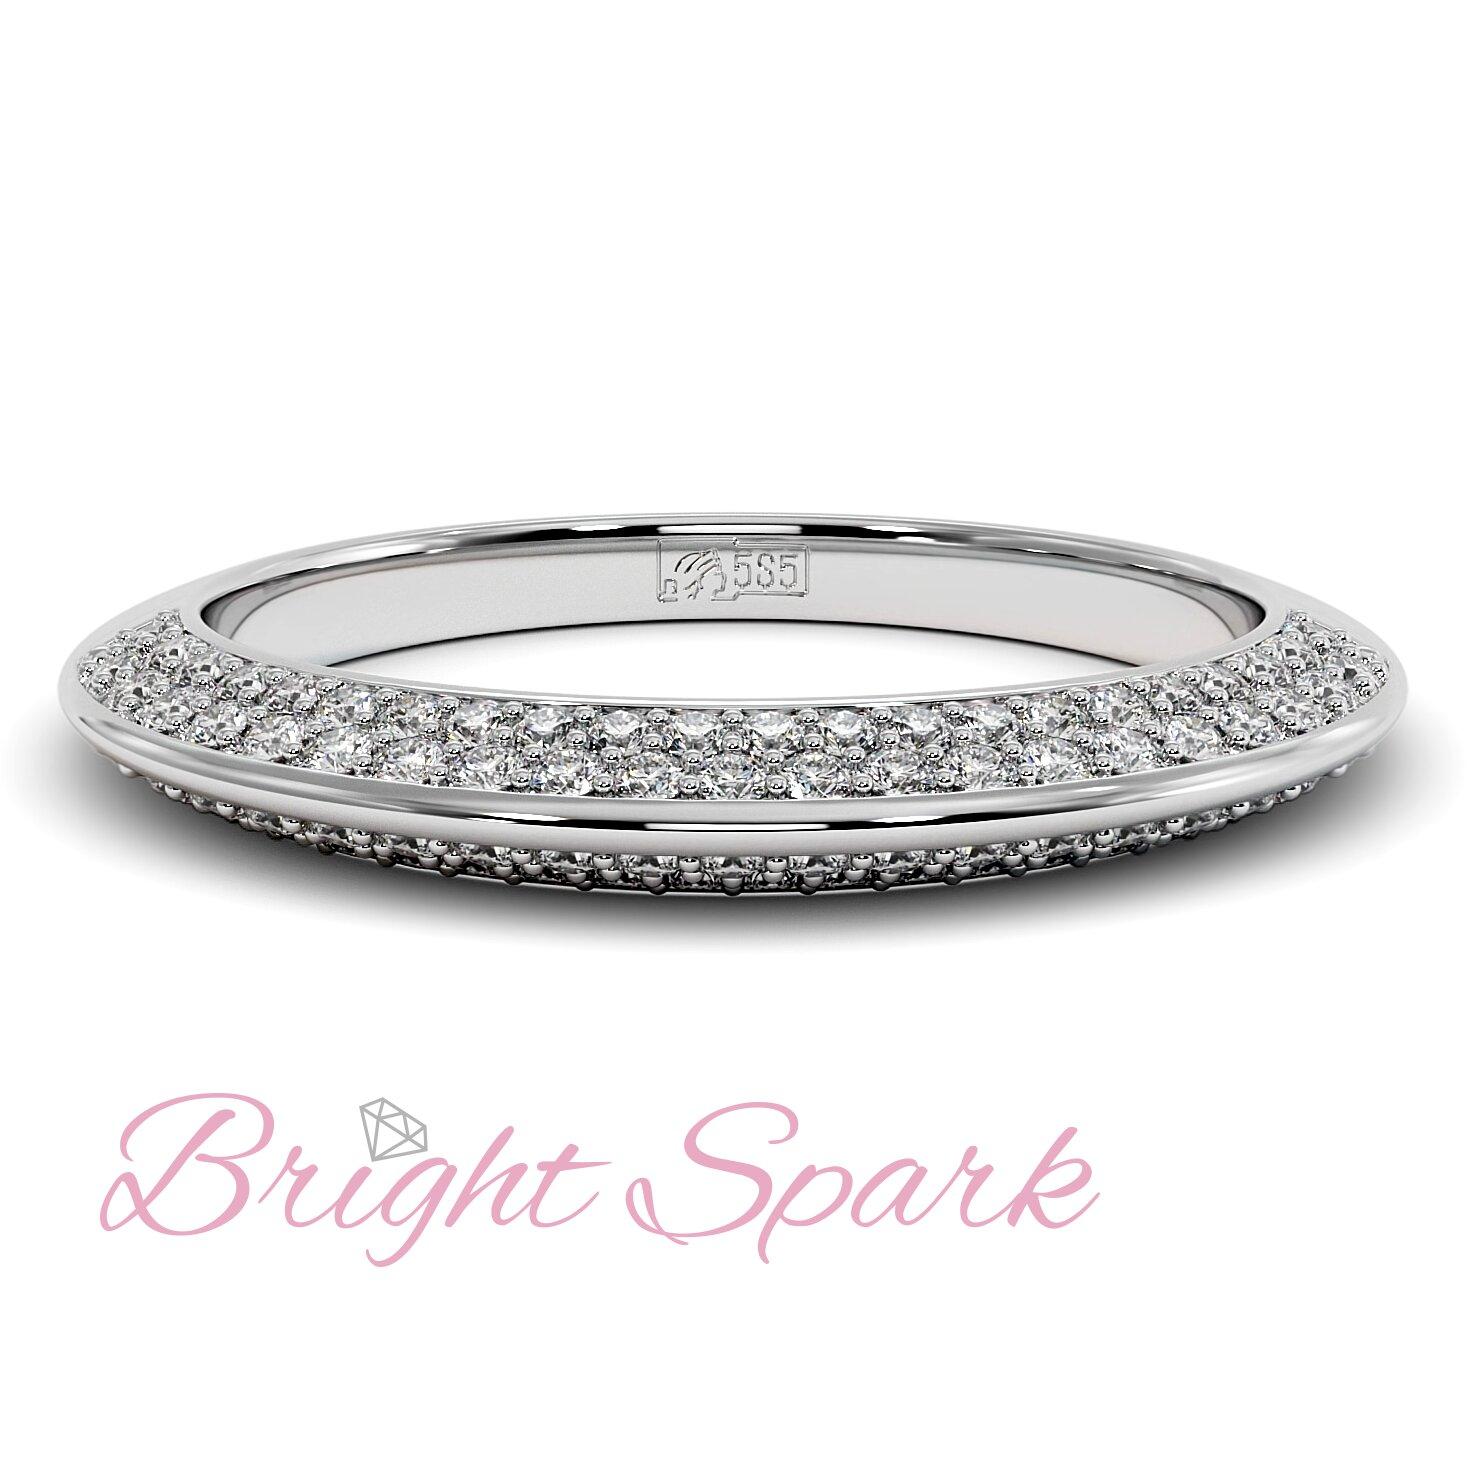 Кольцо  белого золота усыпанное бриллиантами Melanie 0,5 карата